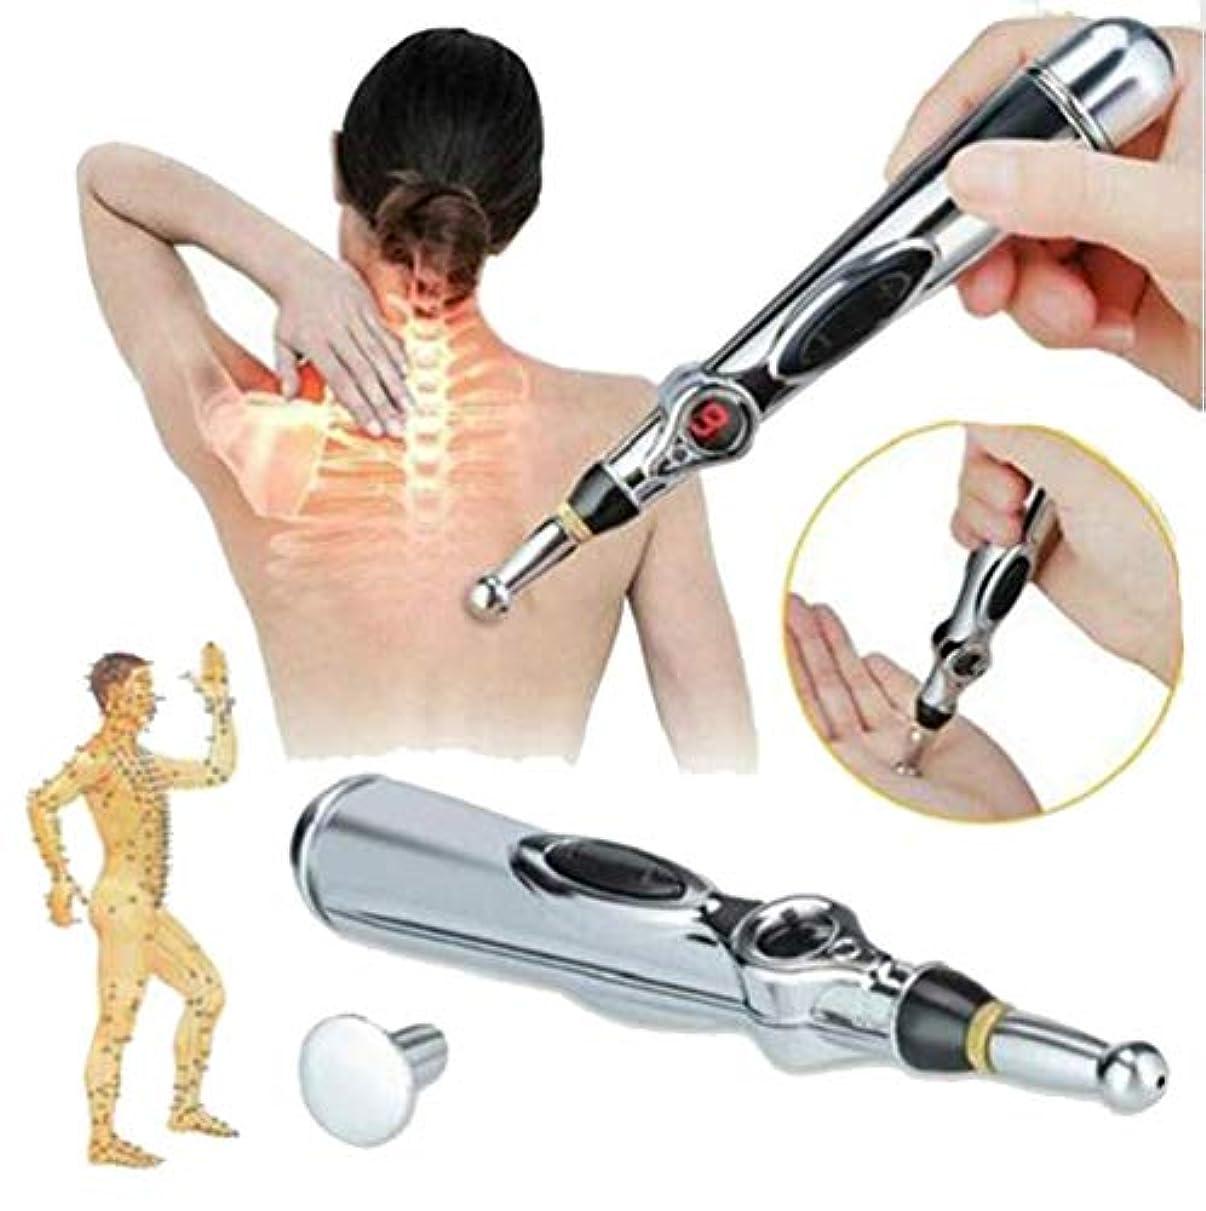 ふつうやがて作るLVESHOP 電子鍼ペン経絡レーザー鍼治療機マグネットマッサージャー